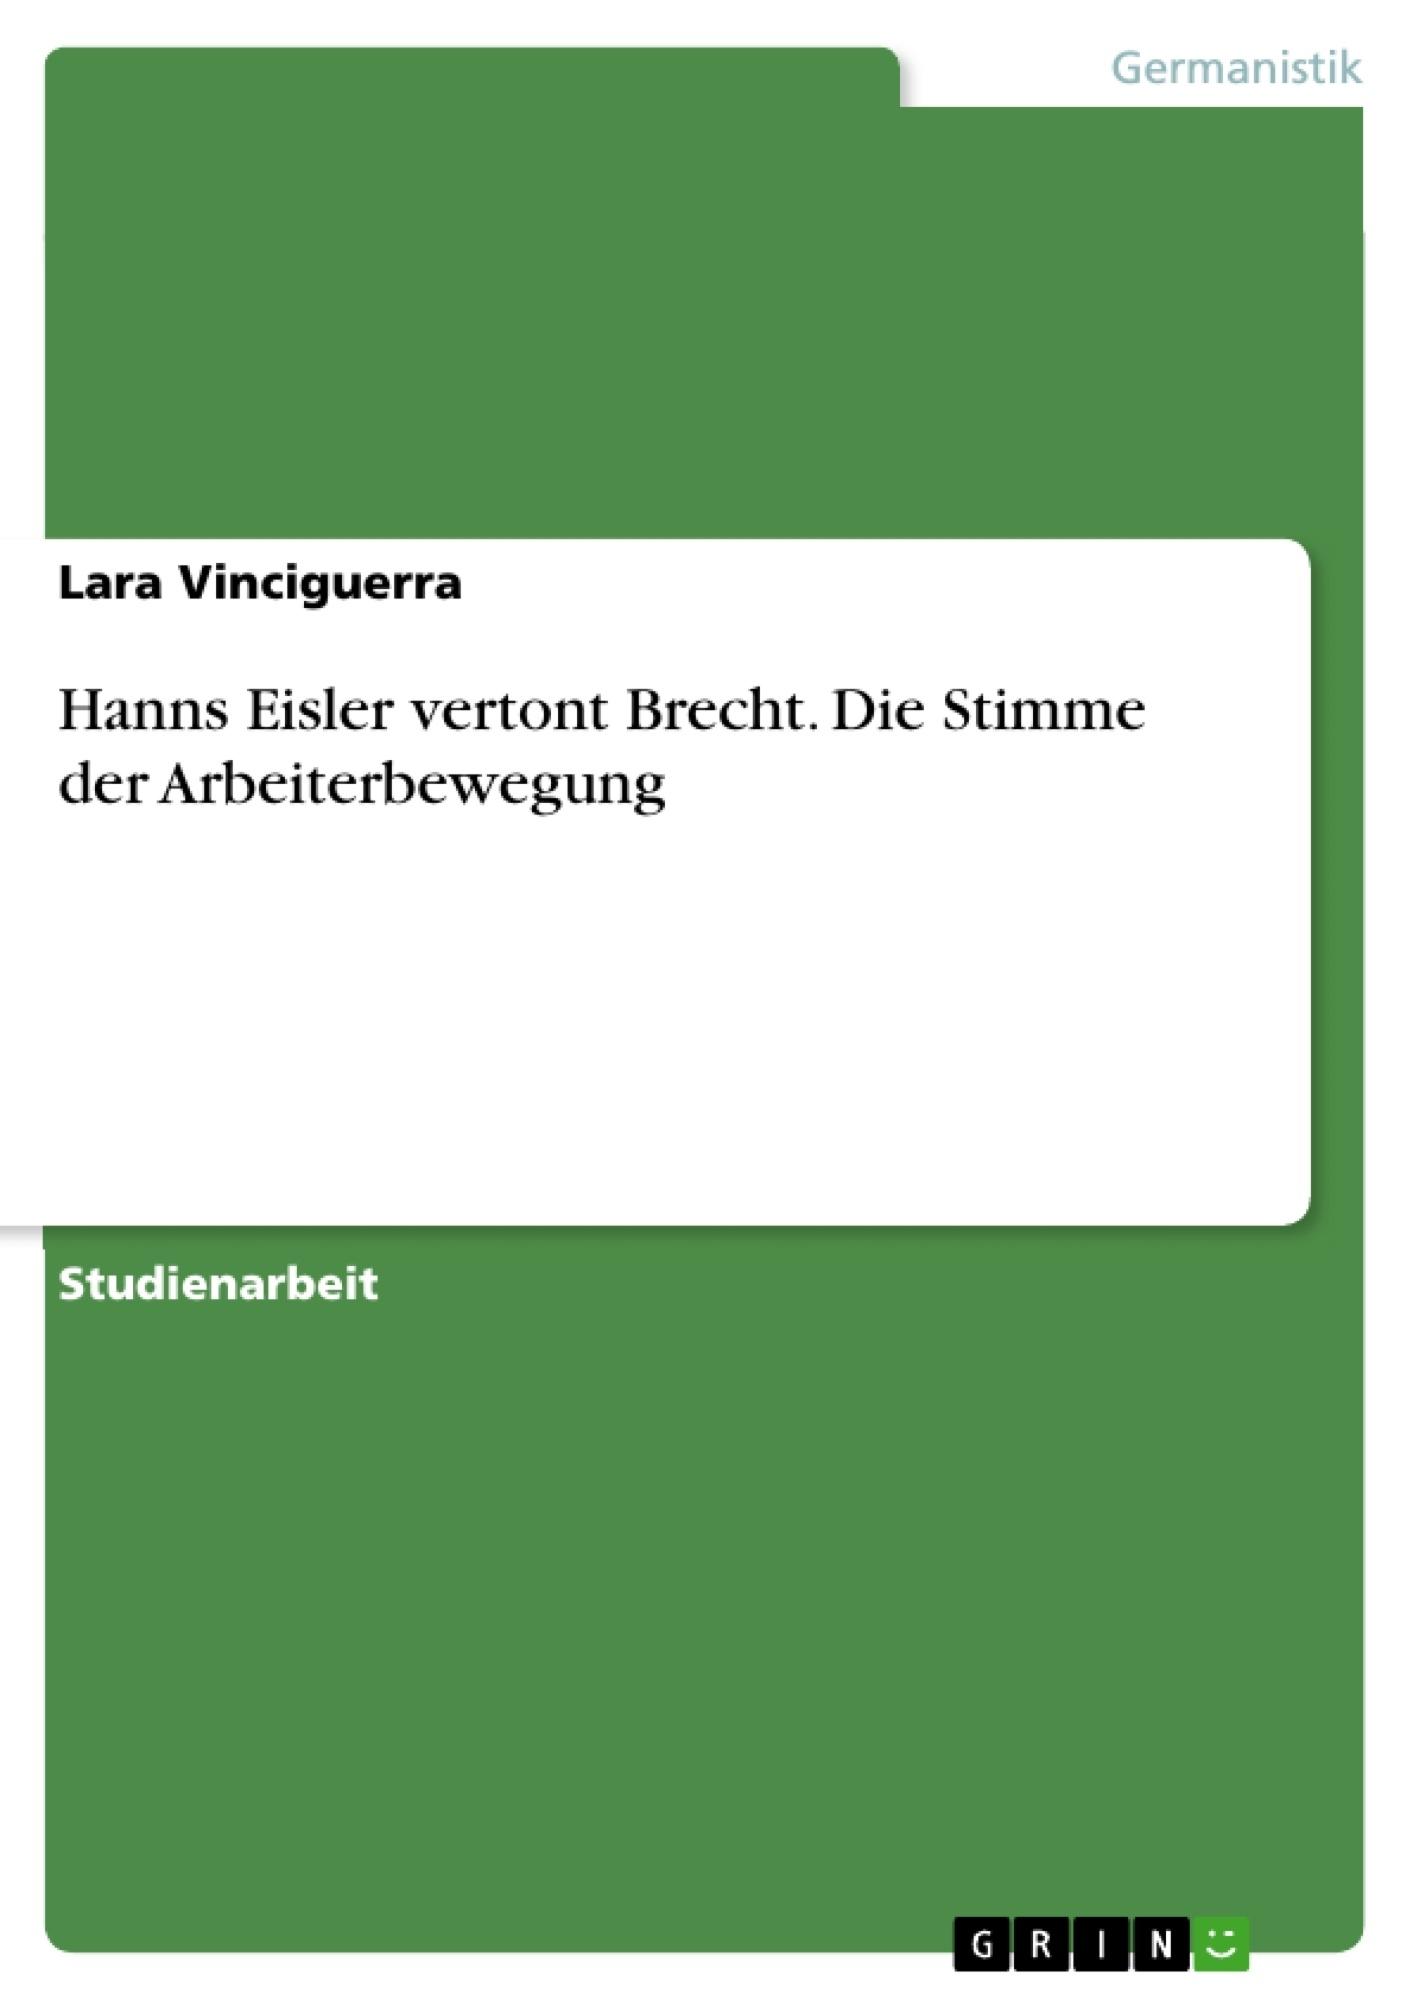 Titel: Hanns Eisler vertont Brecht. Die Stimme der Arbeiterbewegung